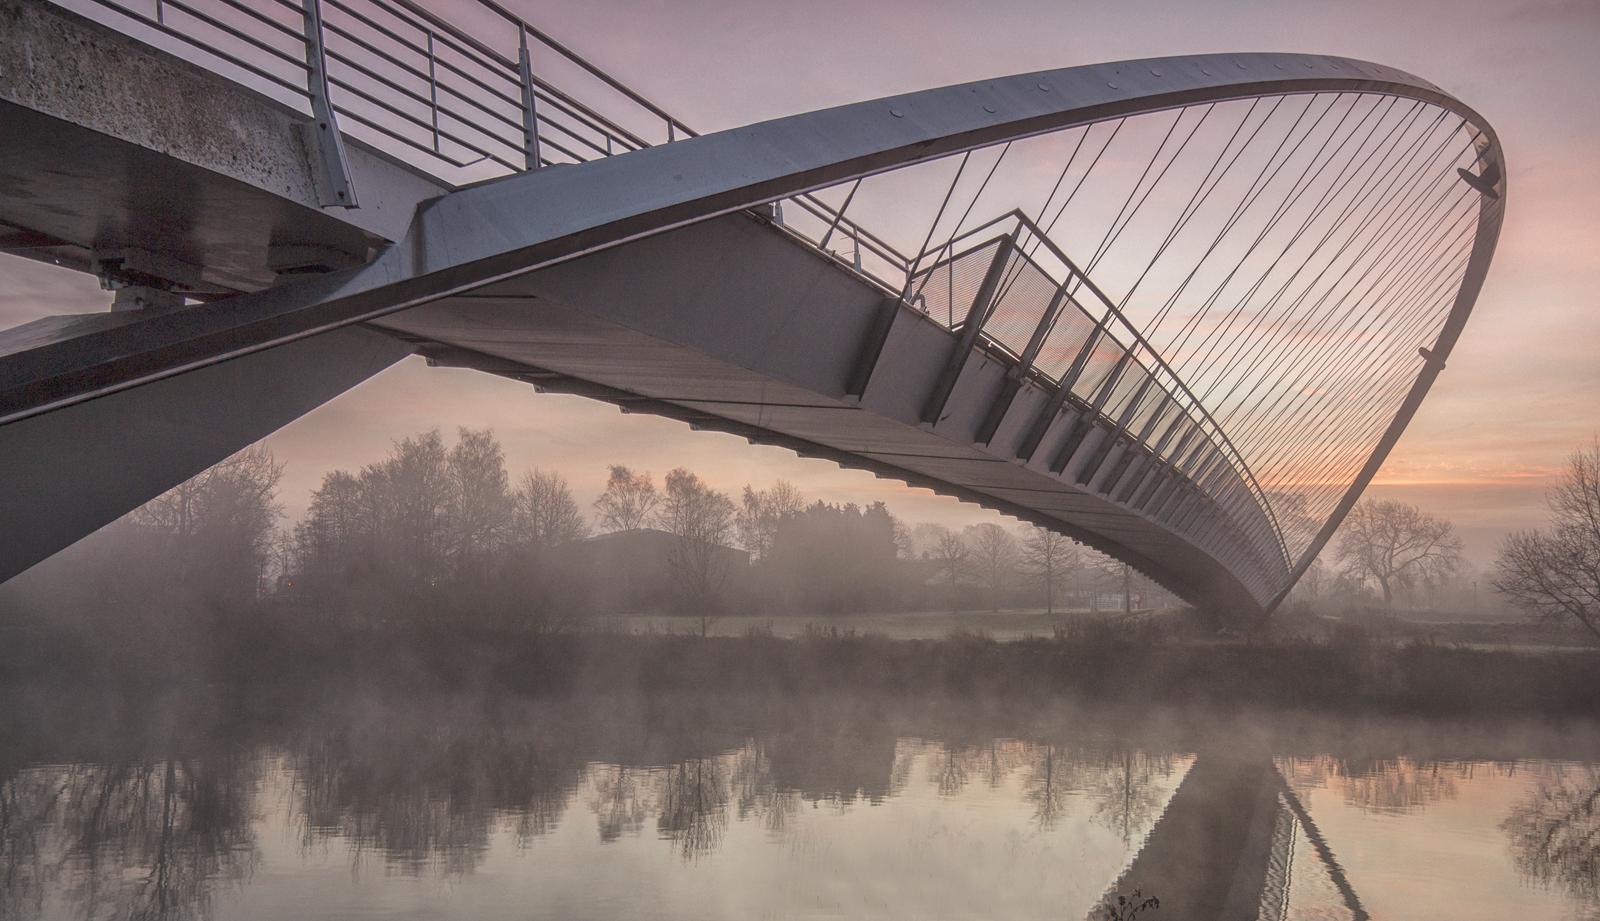 Millenium Bridge by Alison Taylor